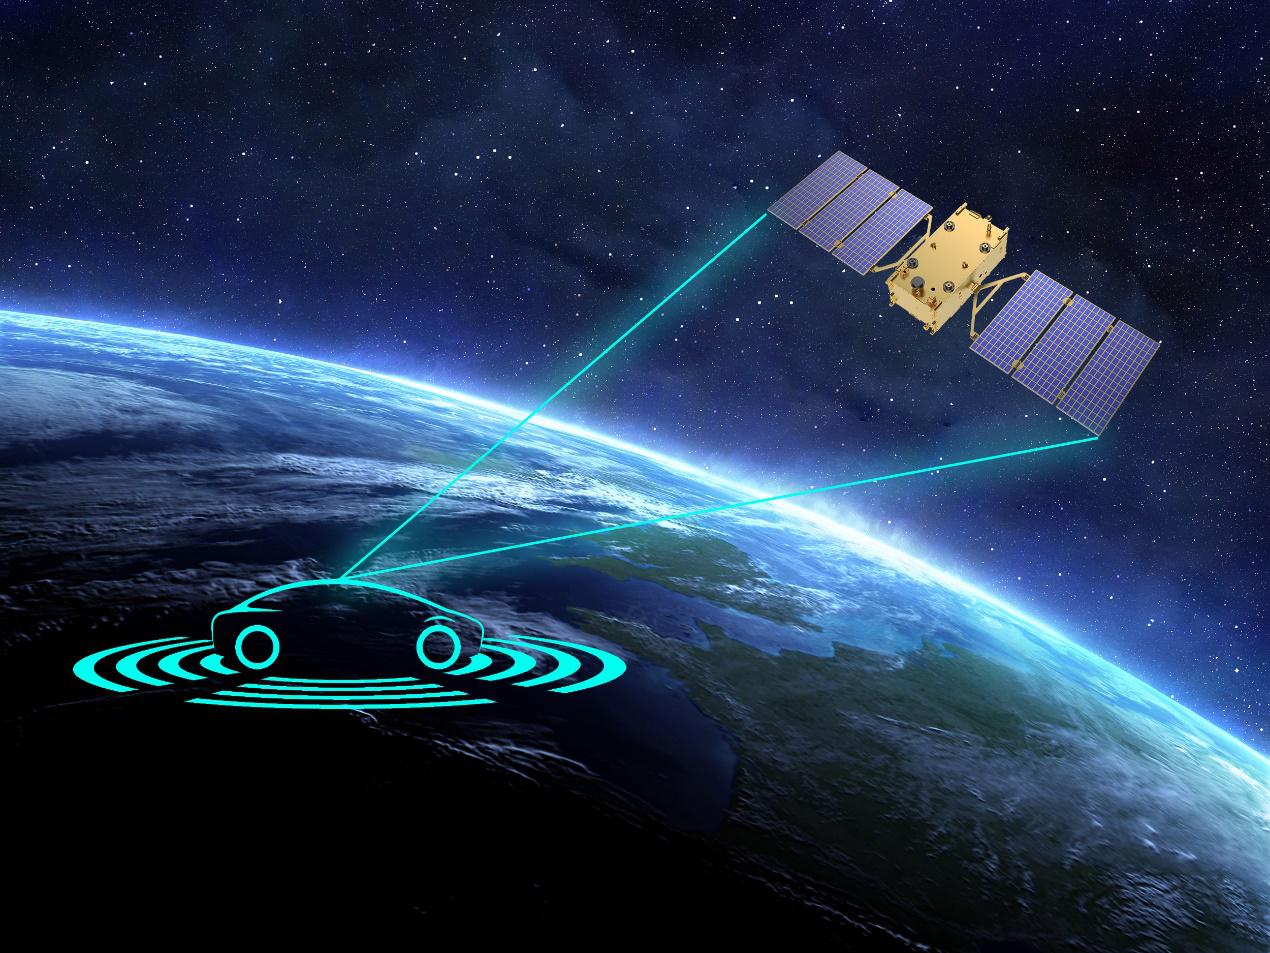 吉利全面布局商业卫星领域 卫星中心项目正式开工